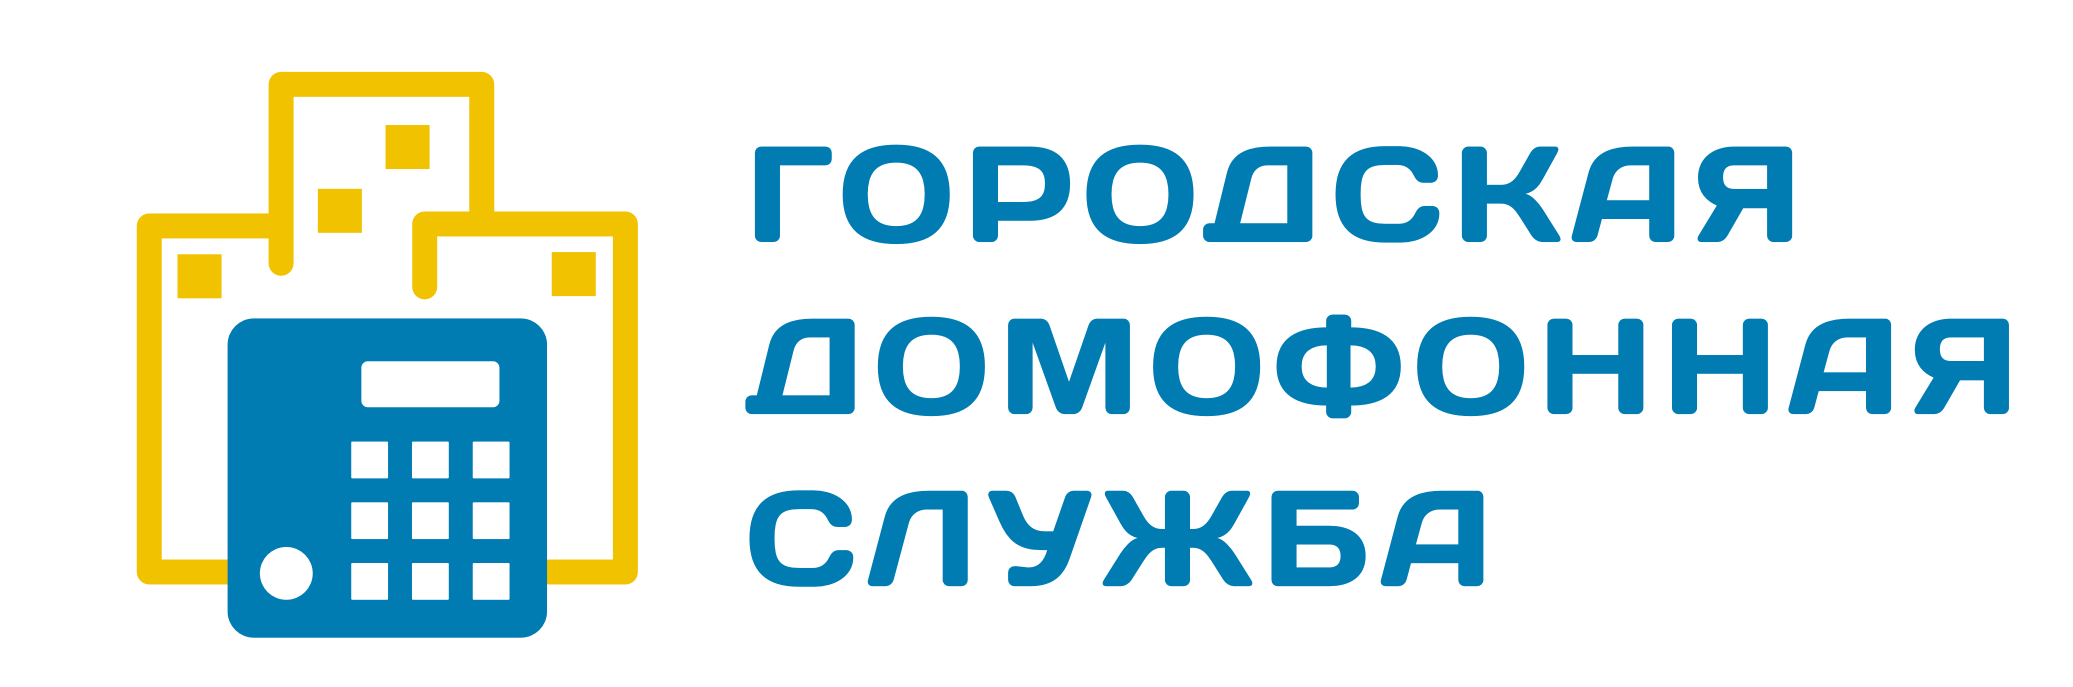 domofon-mo.ru